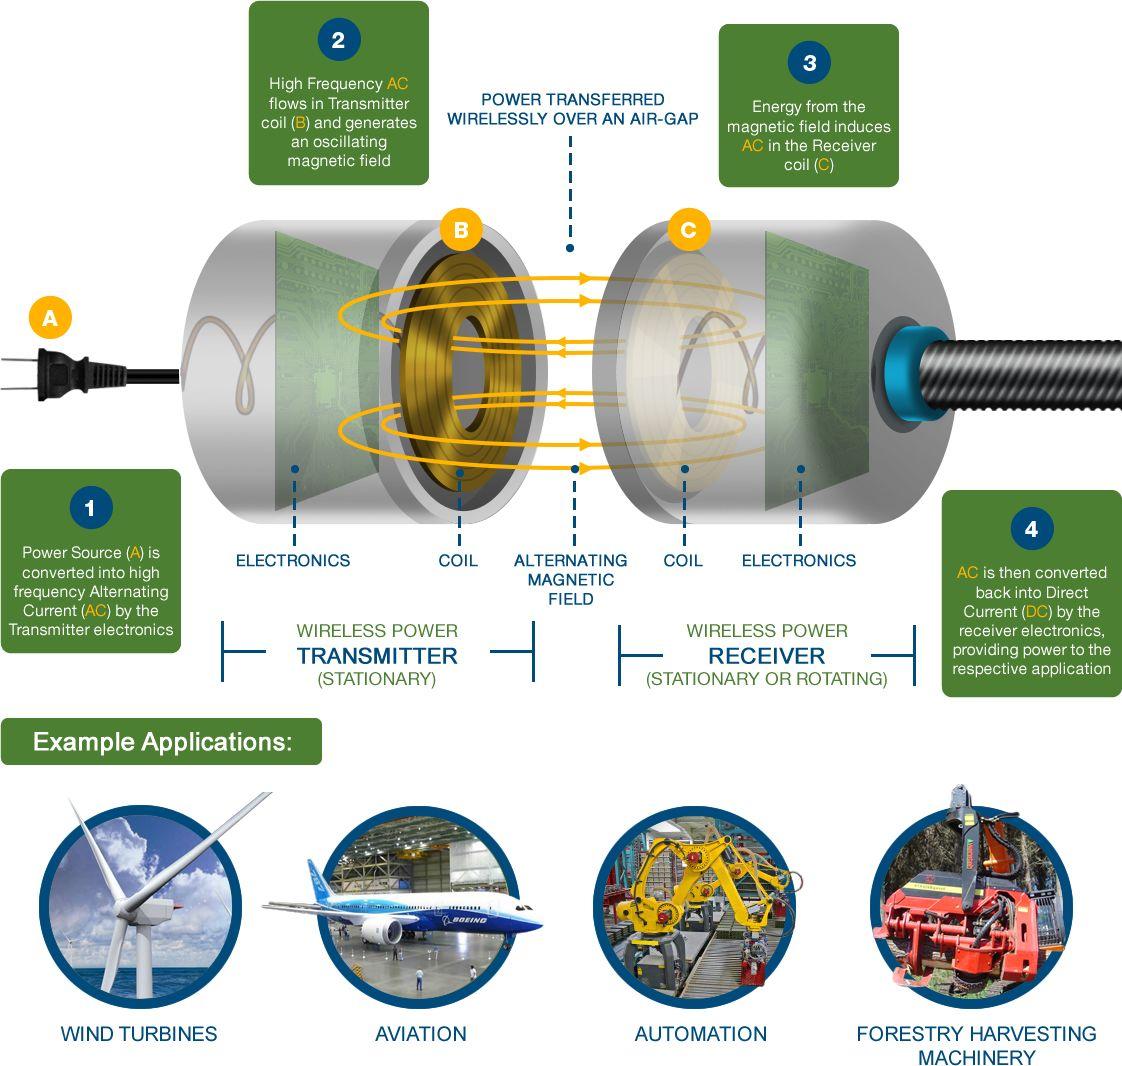 Company Inspired by Nikola Tesla Works to Create Wireless